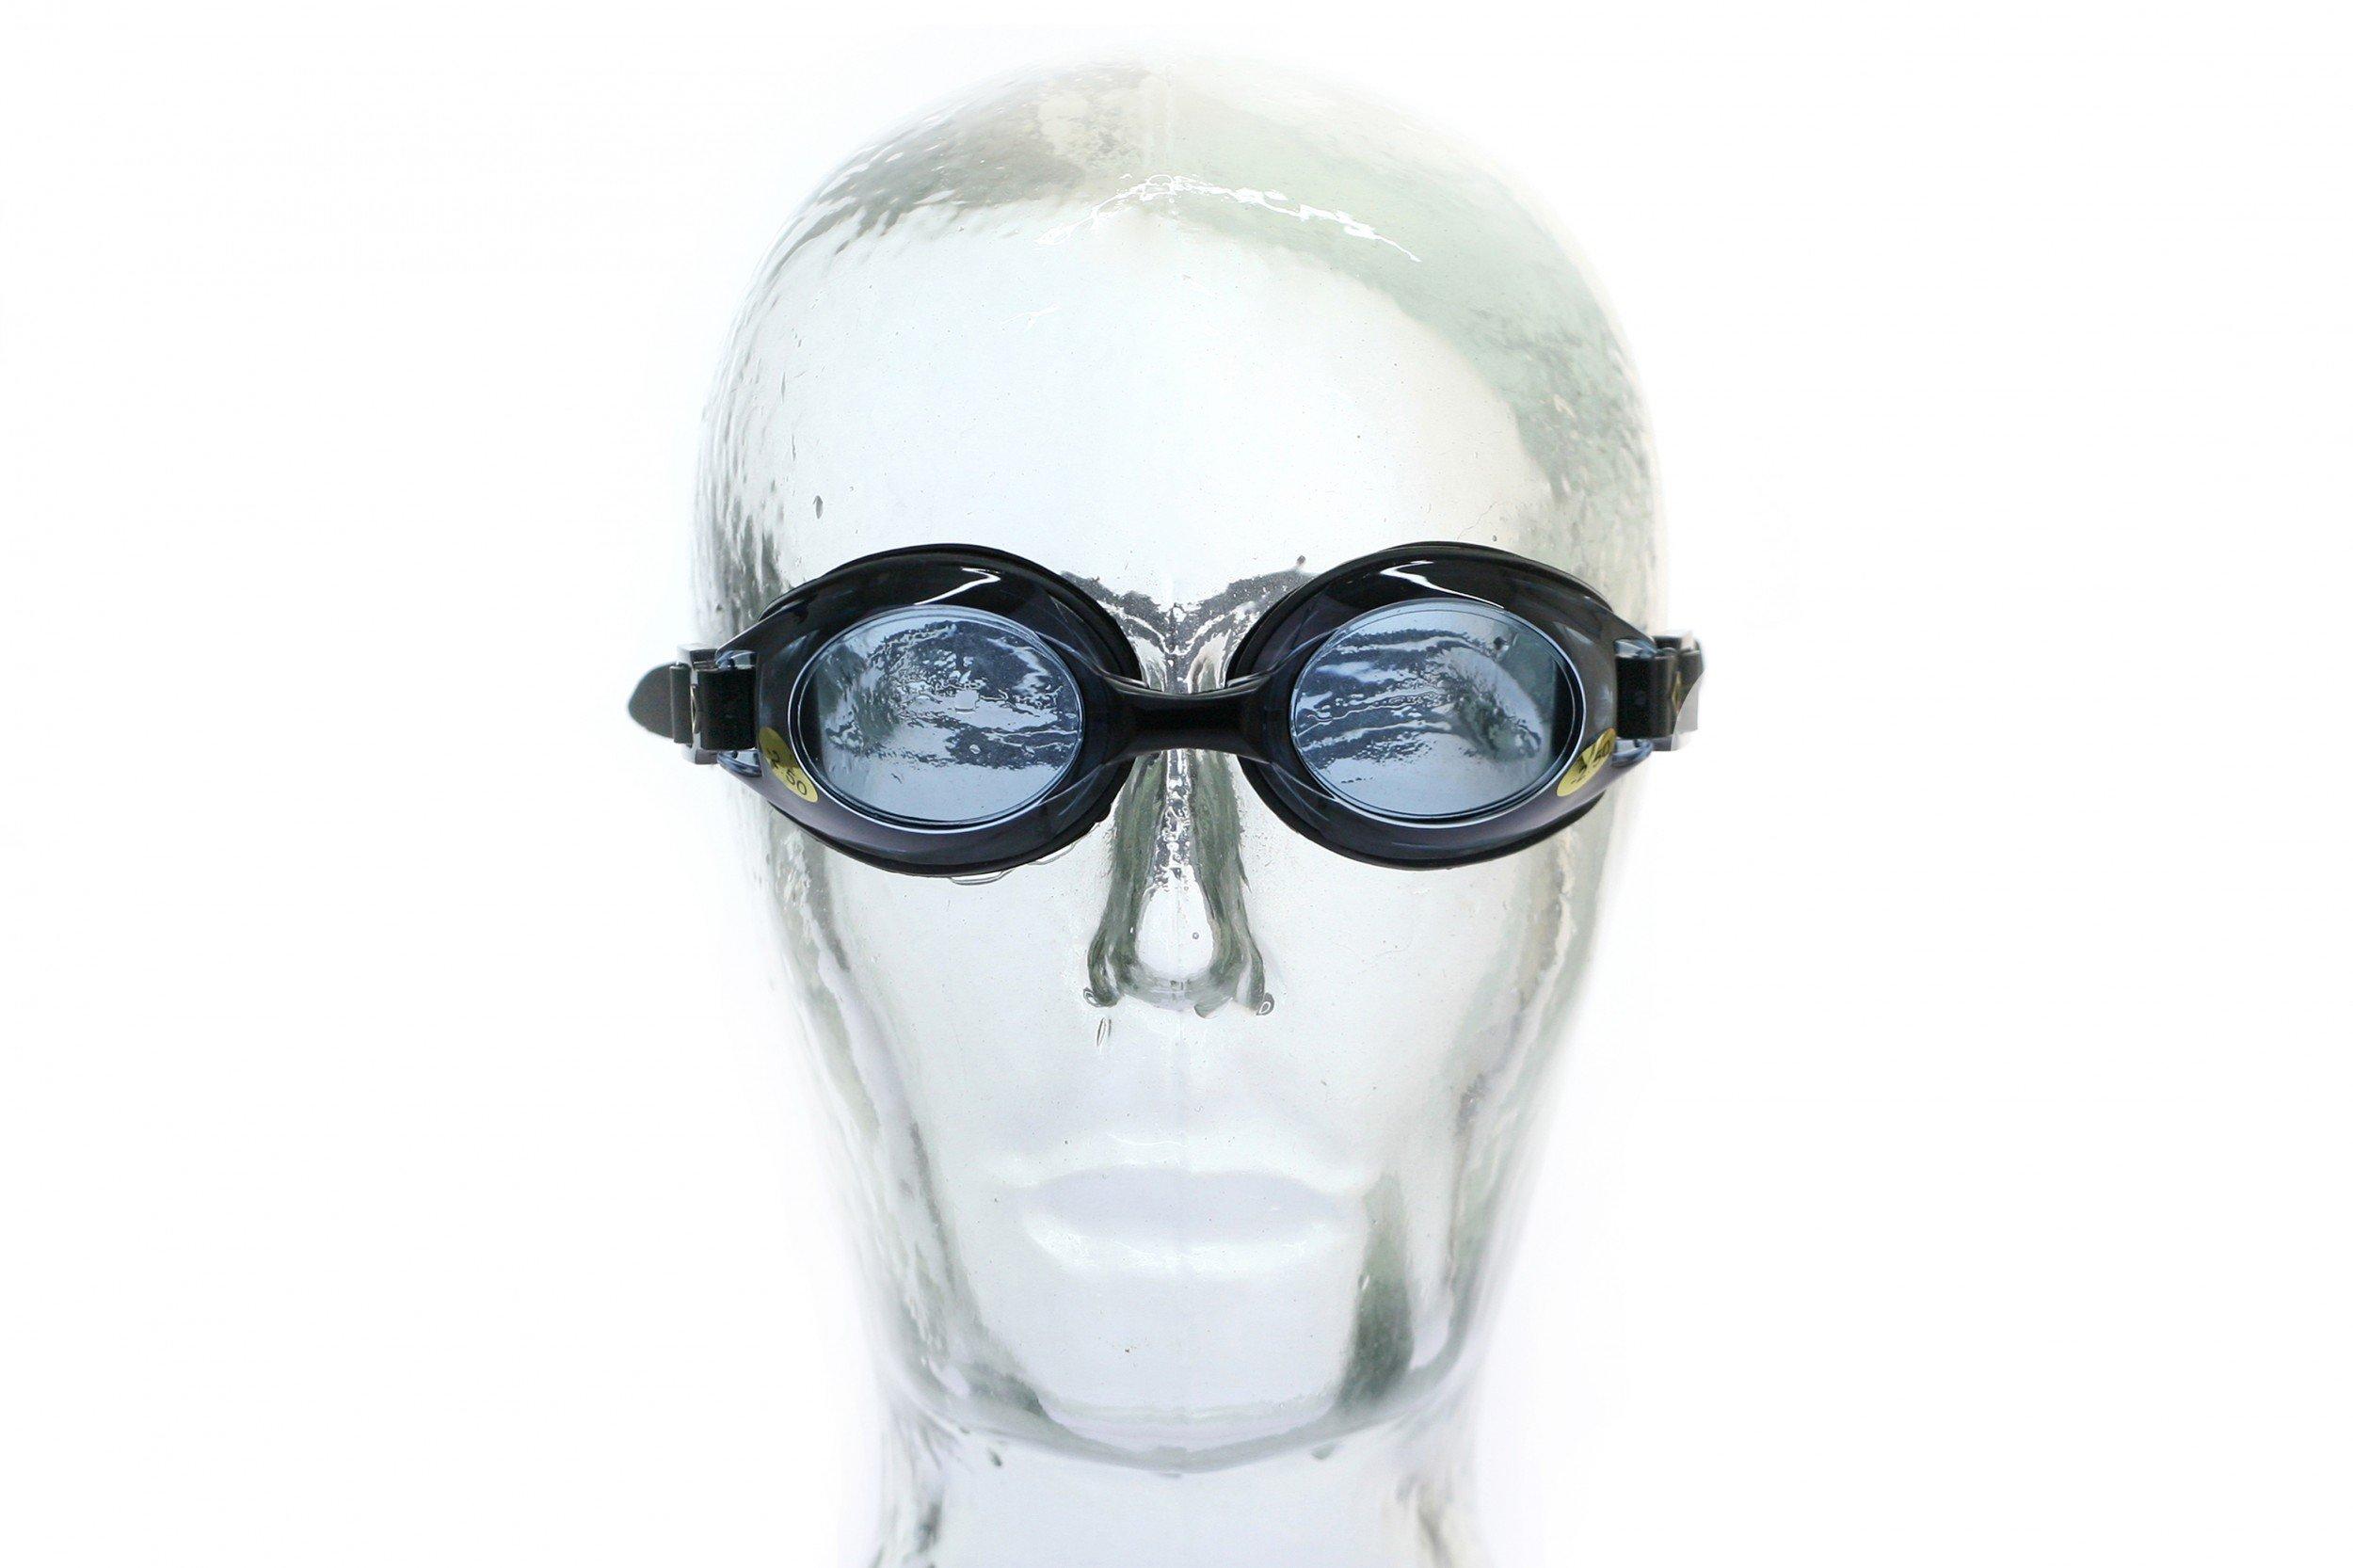 Aqua Speed ® LUMINA Gafas de natación, graduación de -1.5 a -8.0 dioptrías